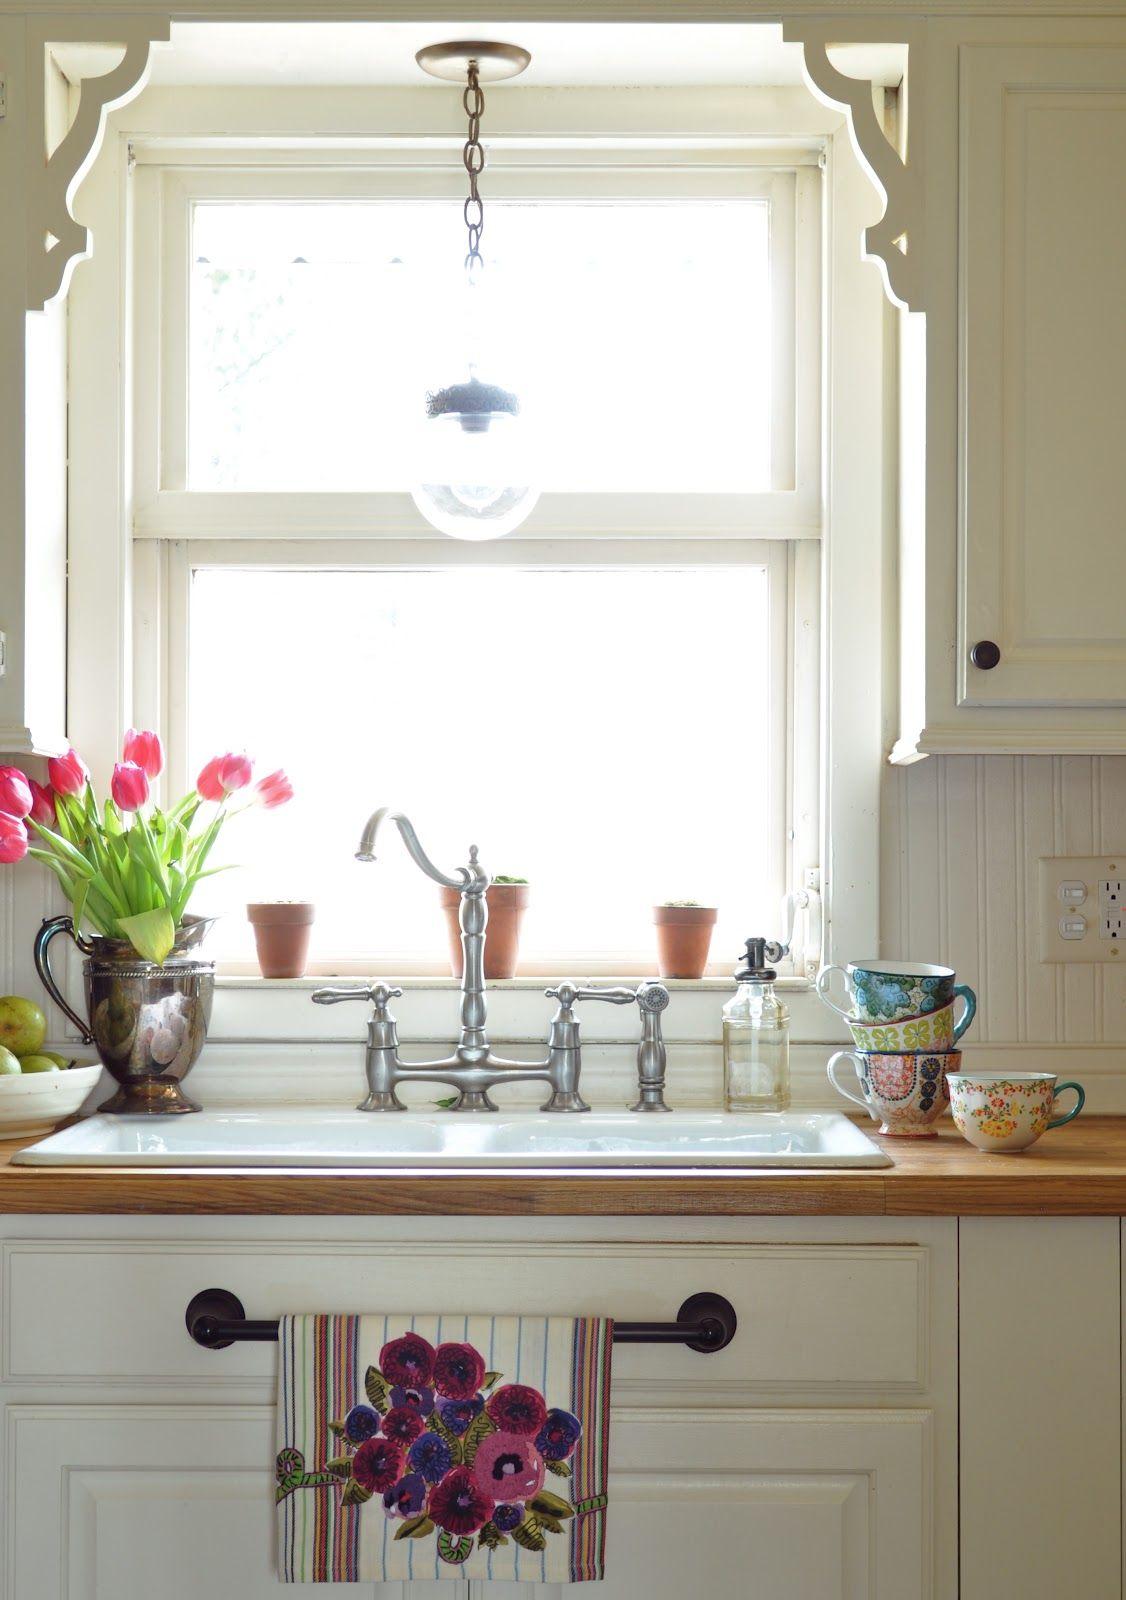 My spring kitchen corner window and kitchens